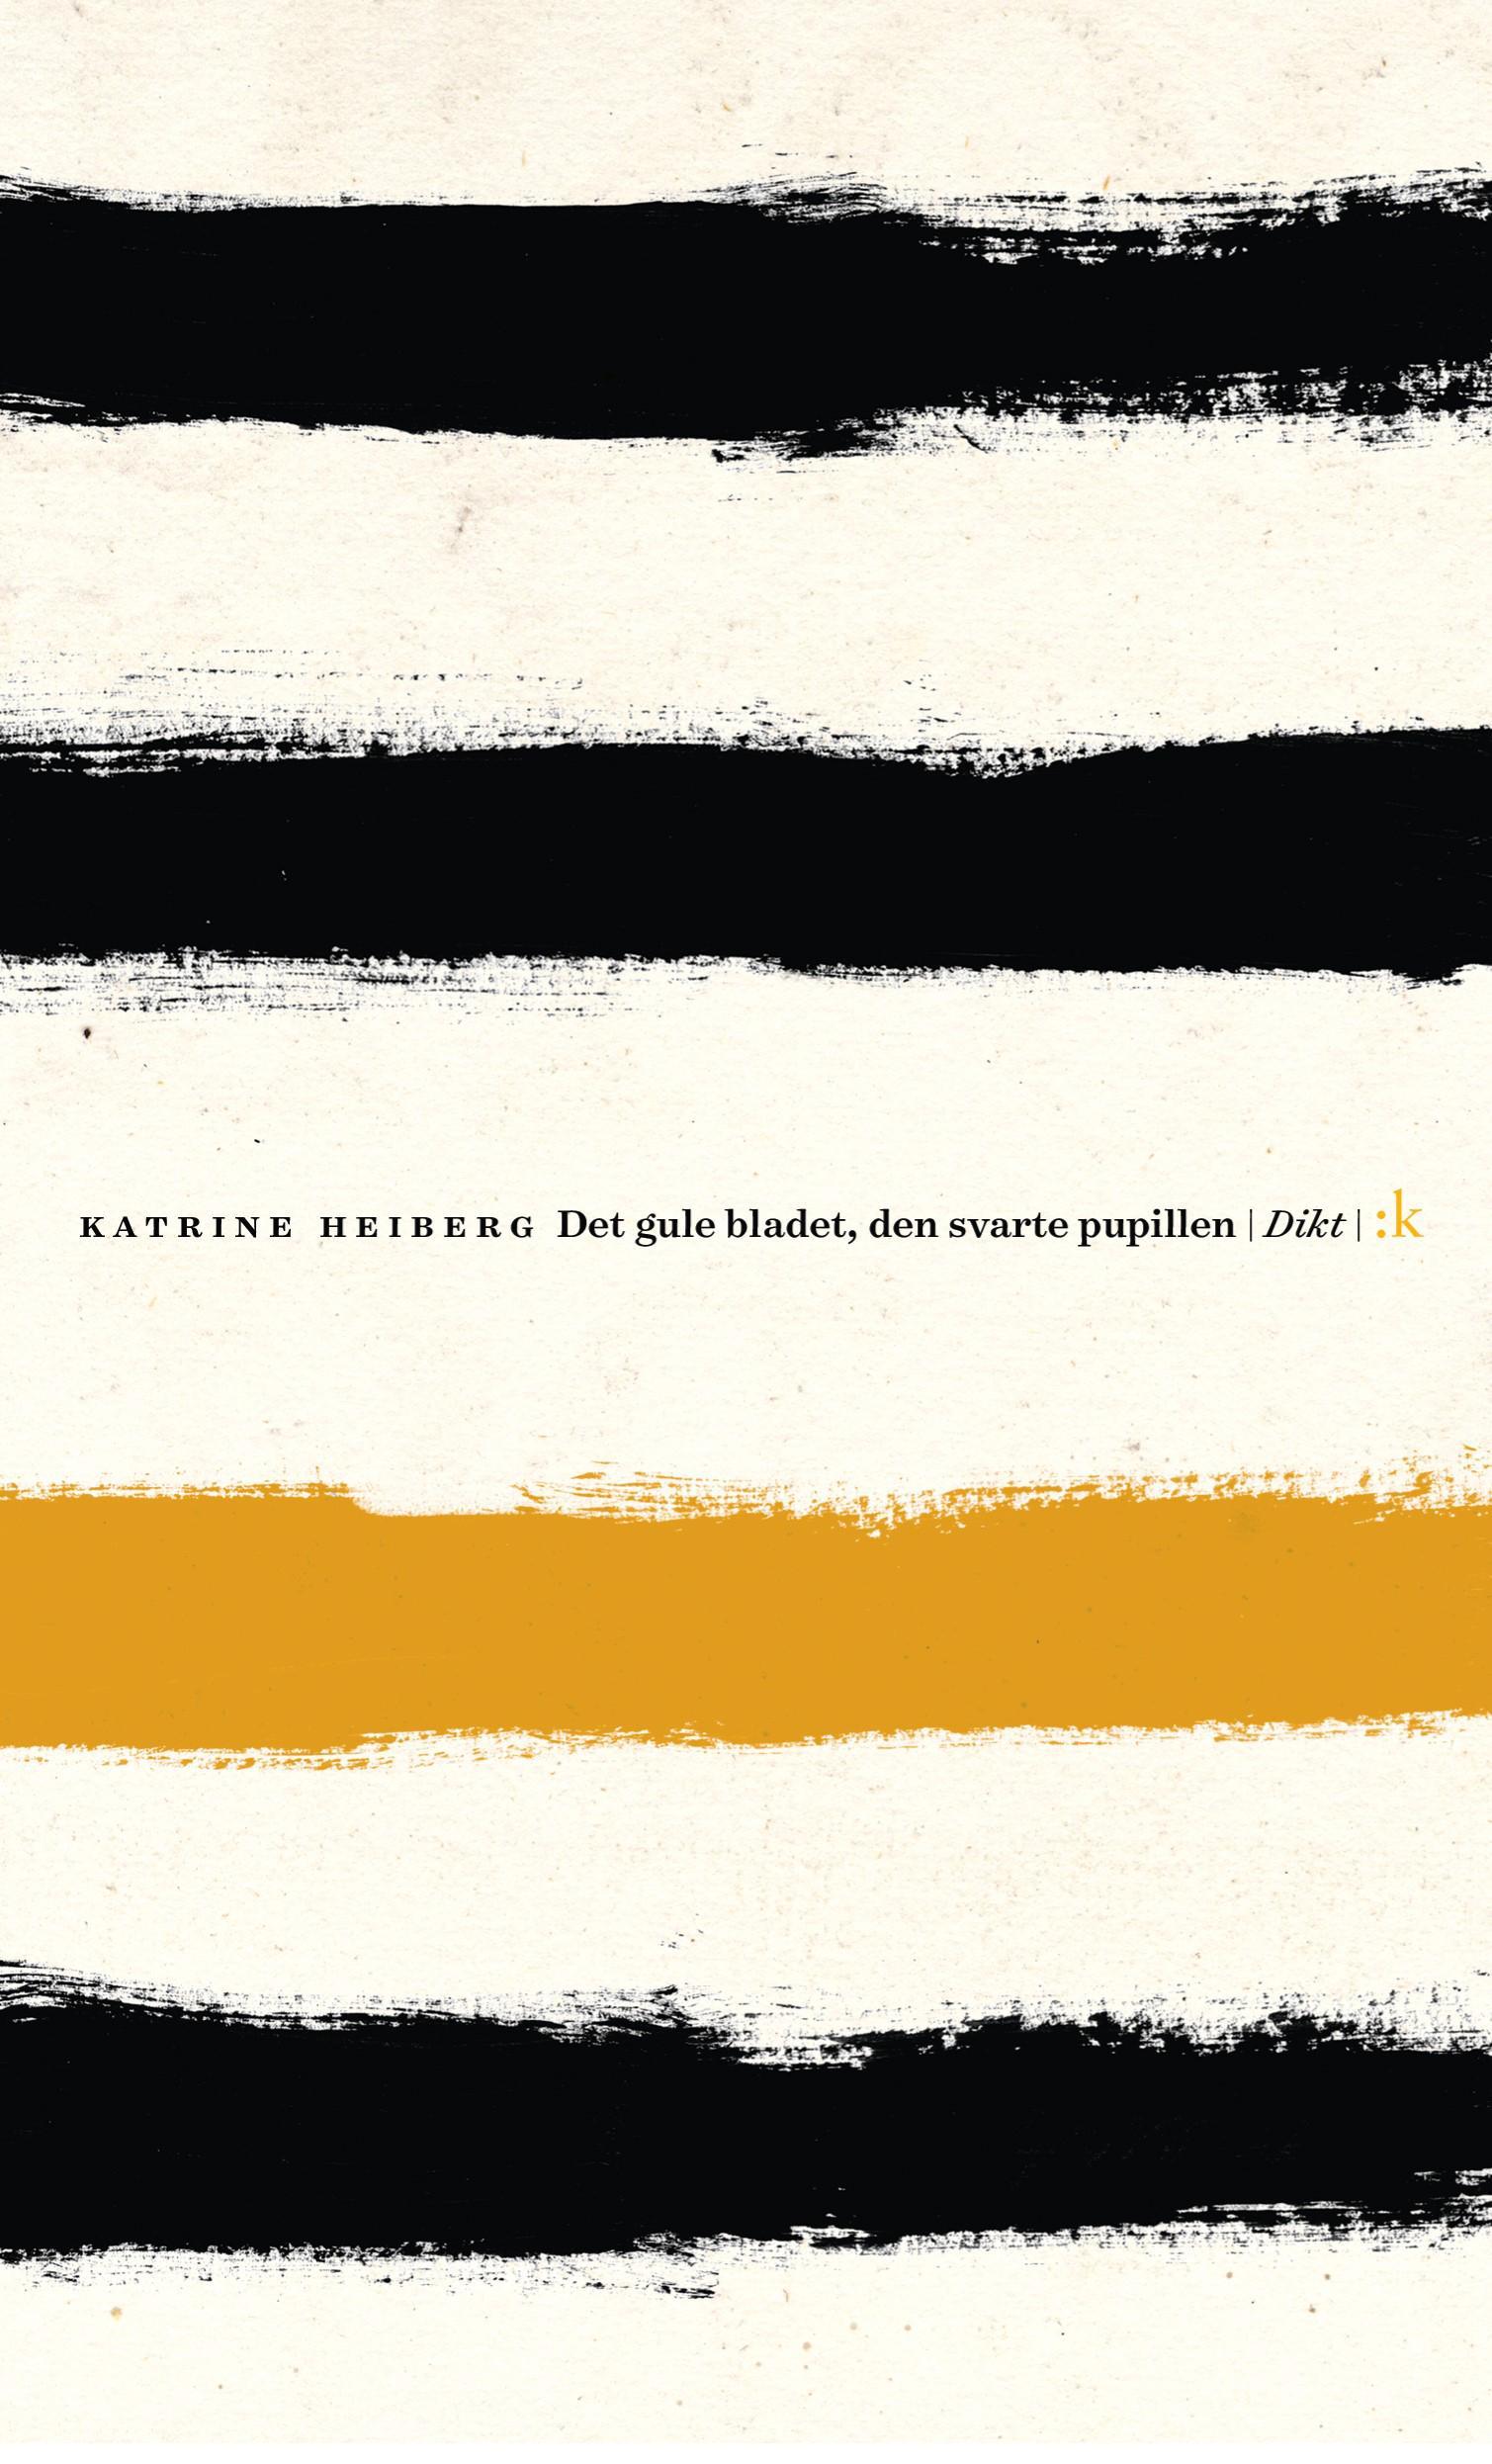 """""""Det gule bladet, den svarte pupillen - dikt"""" av Katrine Heiberg"""